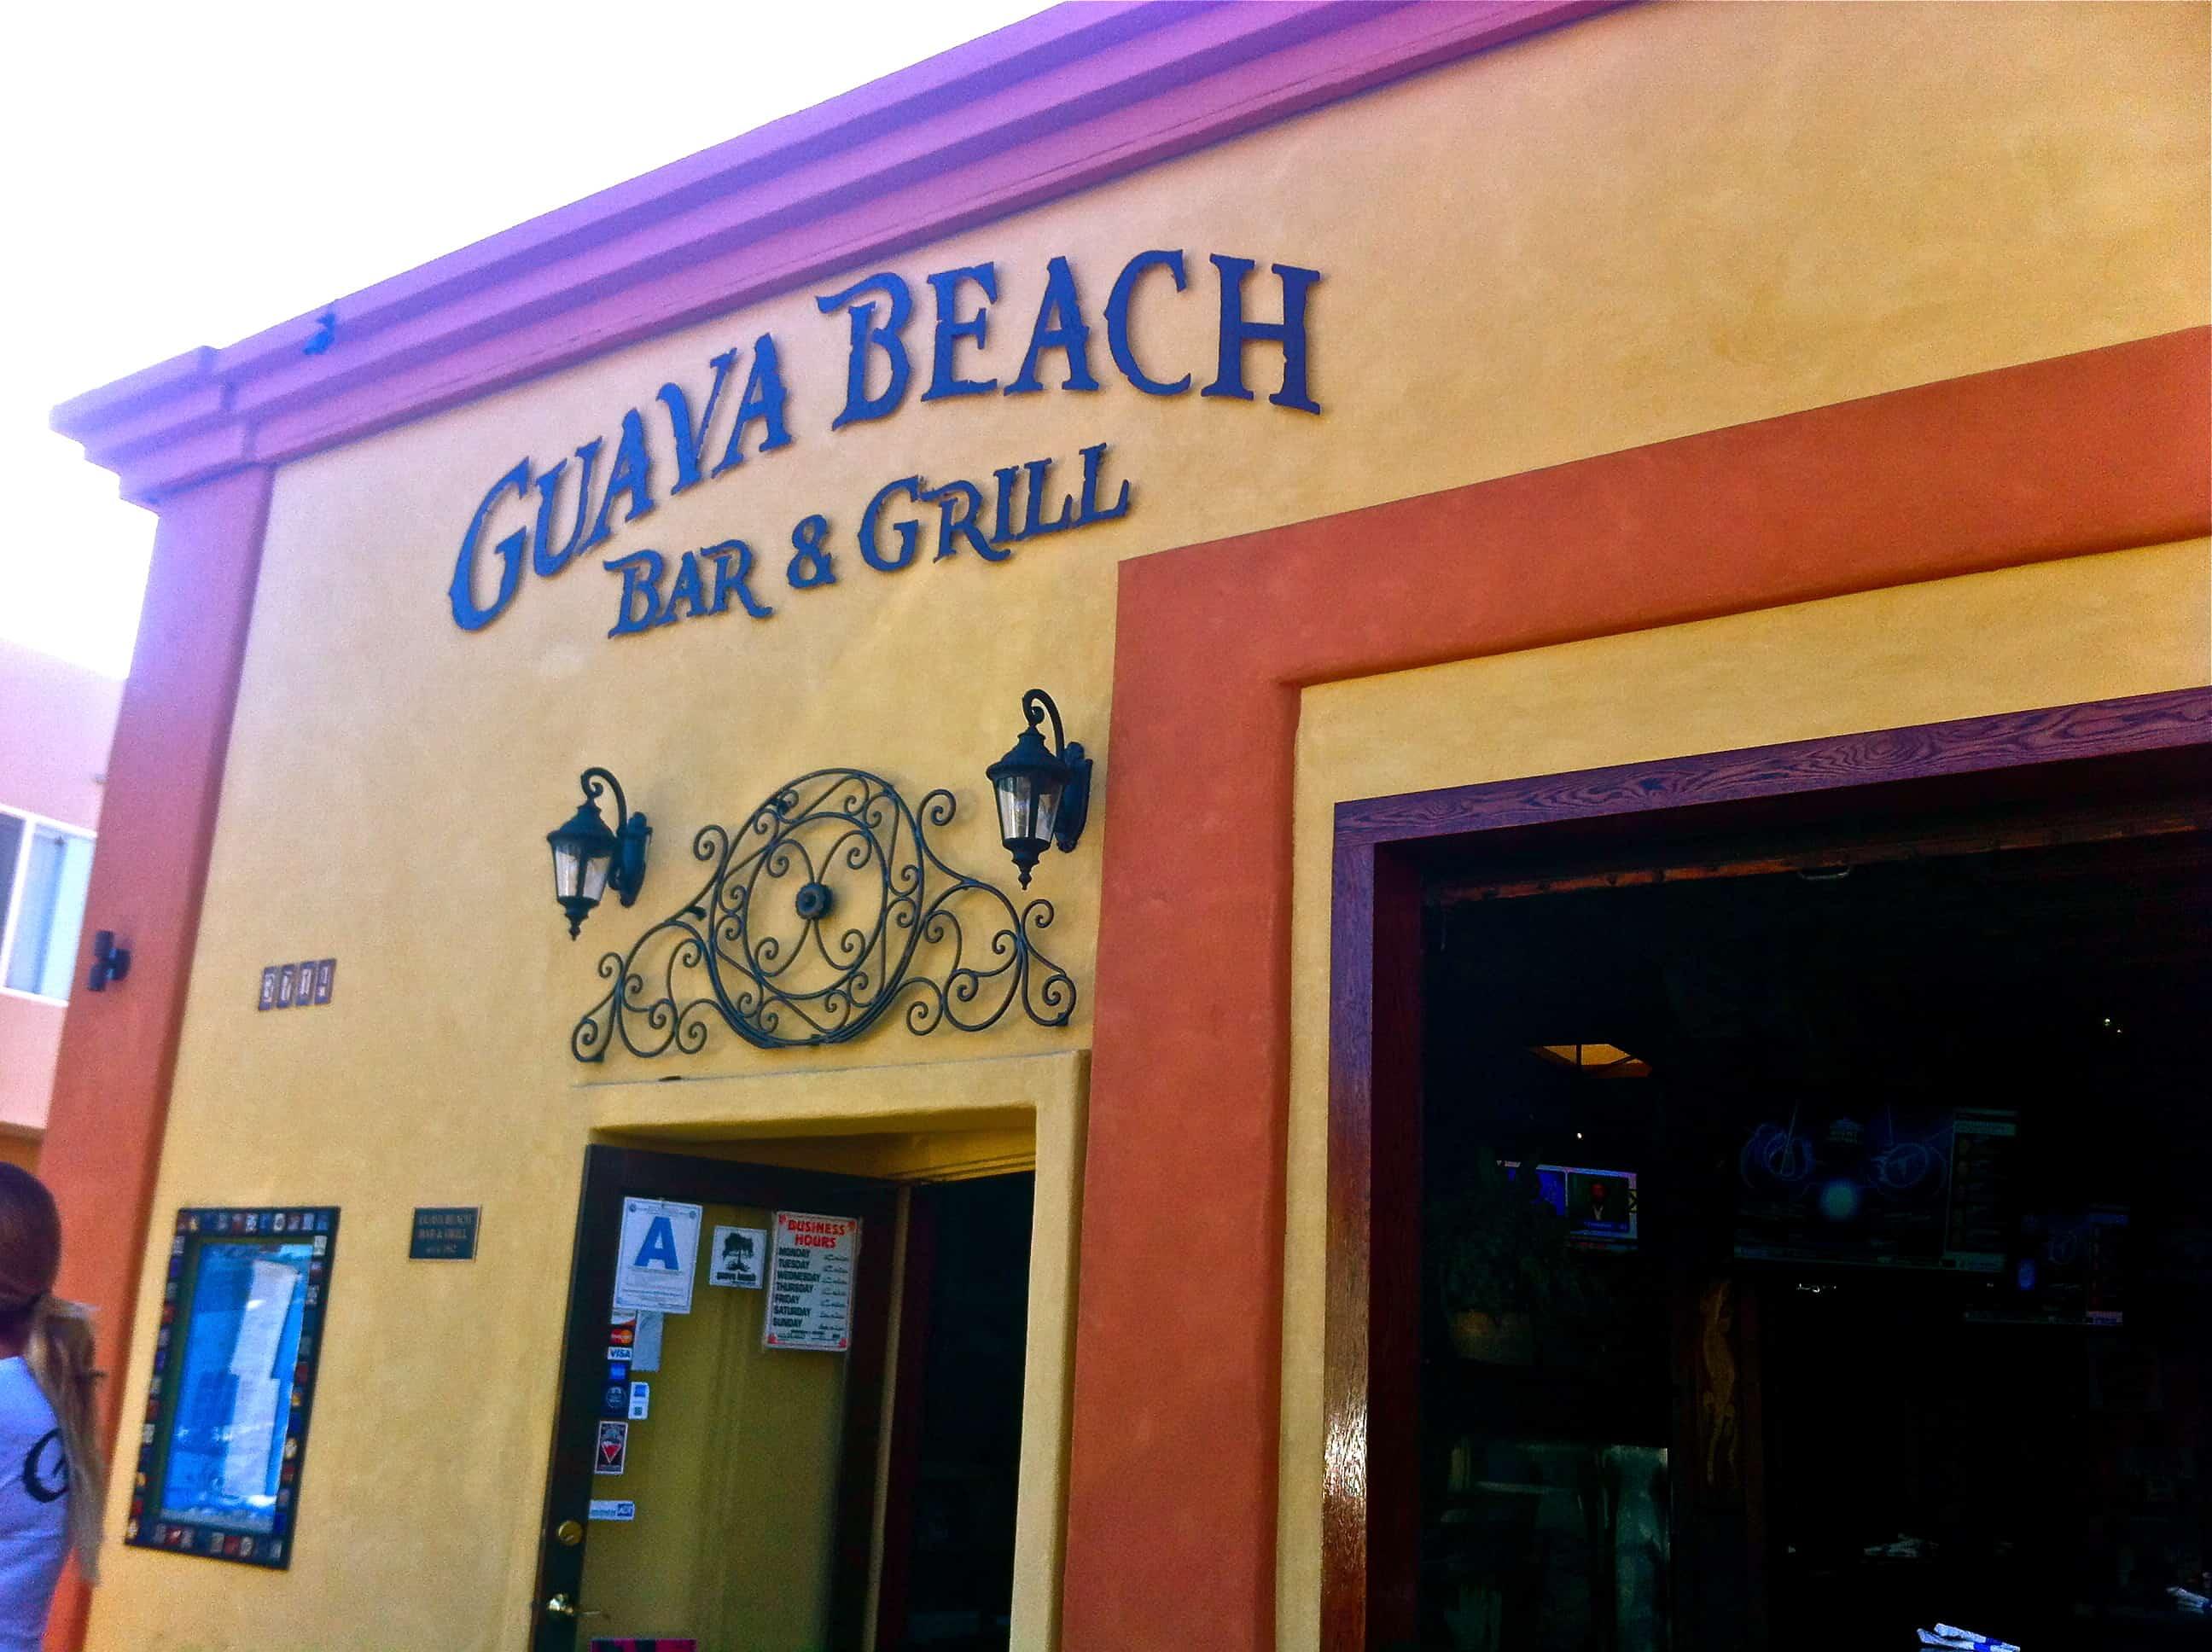 Guava Beach Bar & Grill